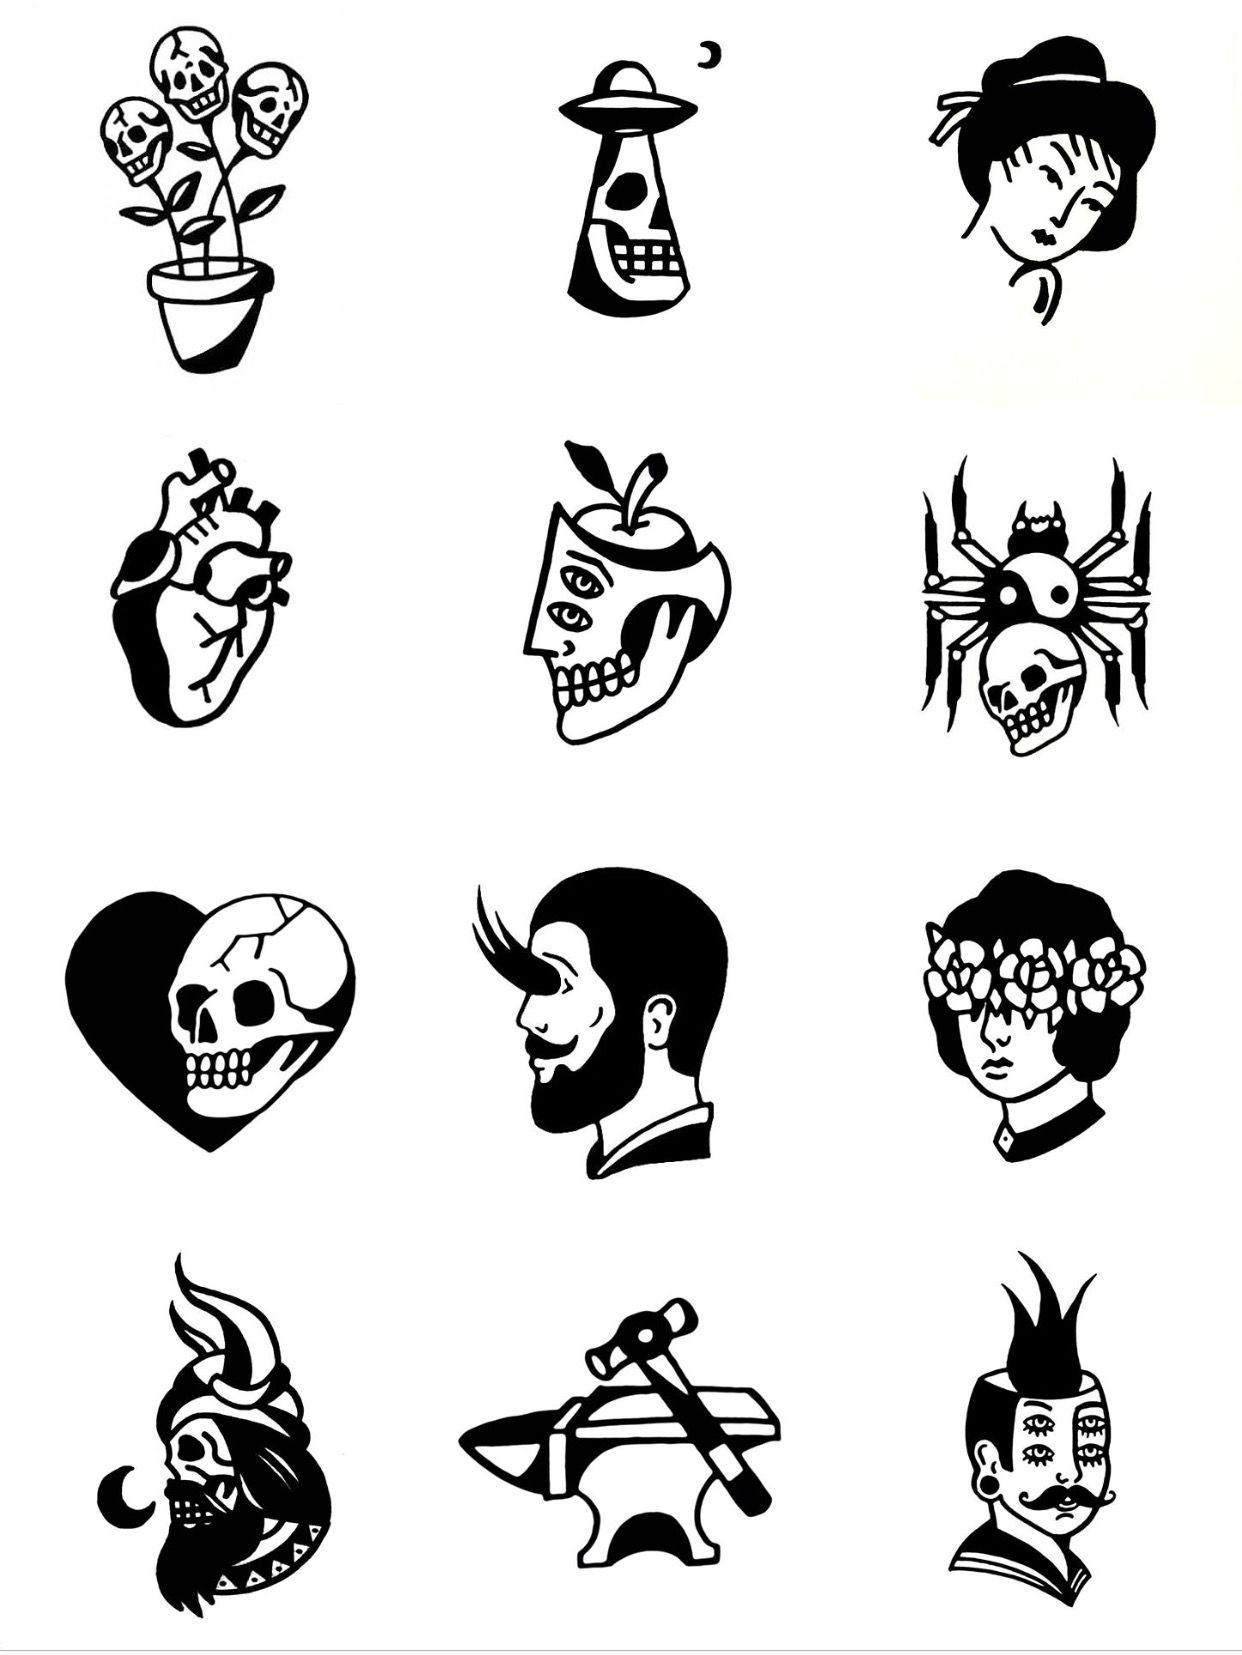 Pin By Catt On Pin Sticker Ideas Tattoo Drawings Tattoo Designs